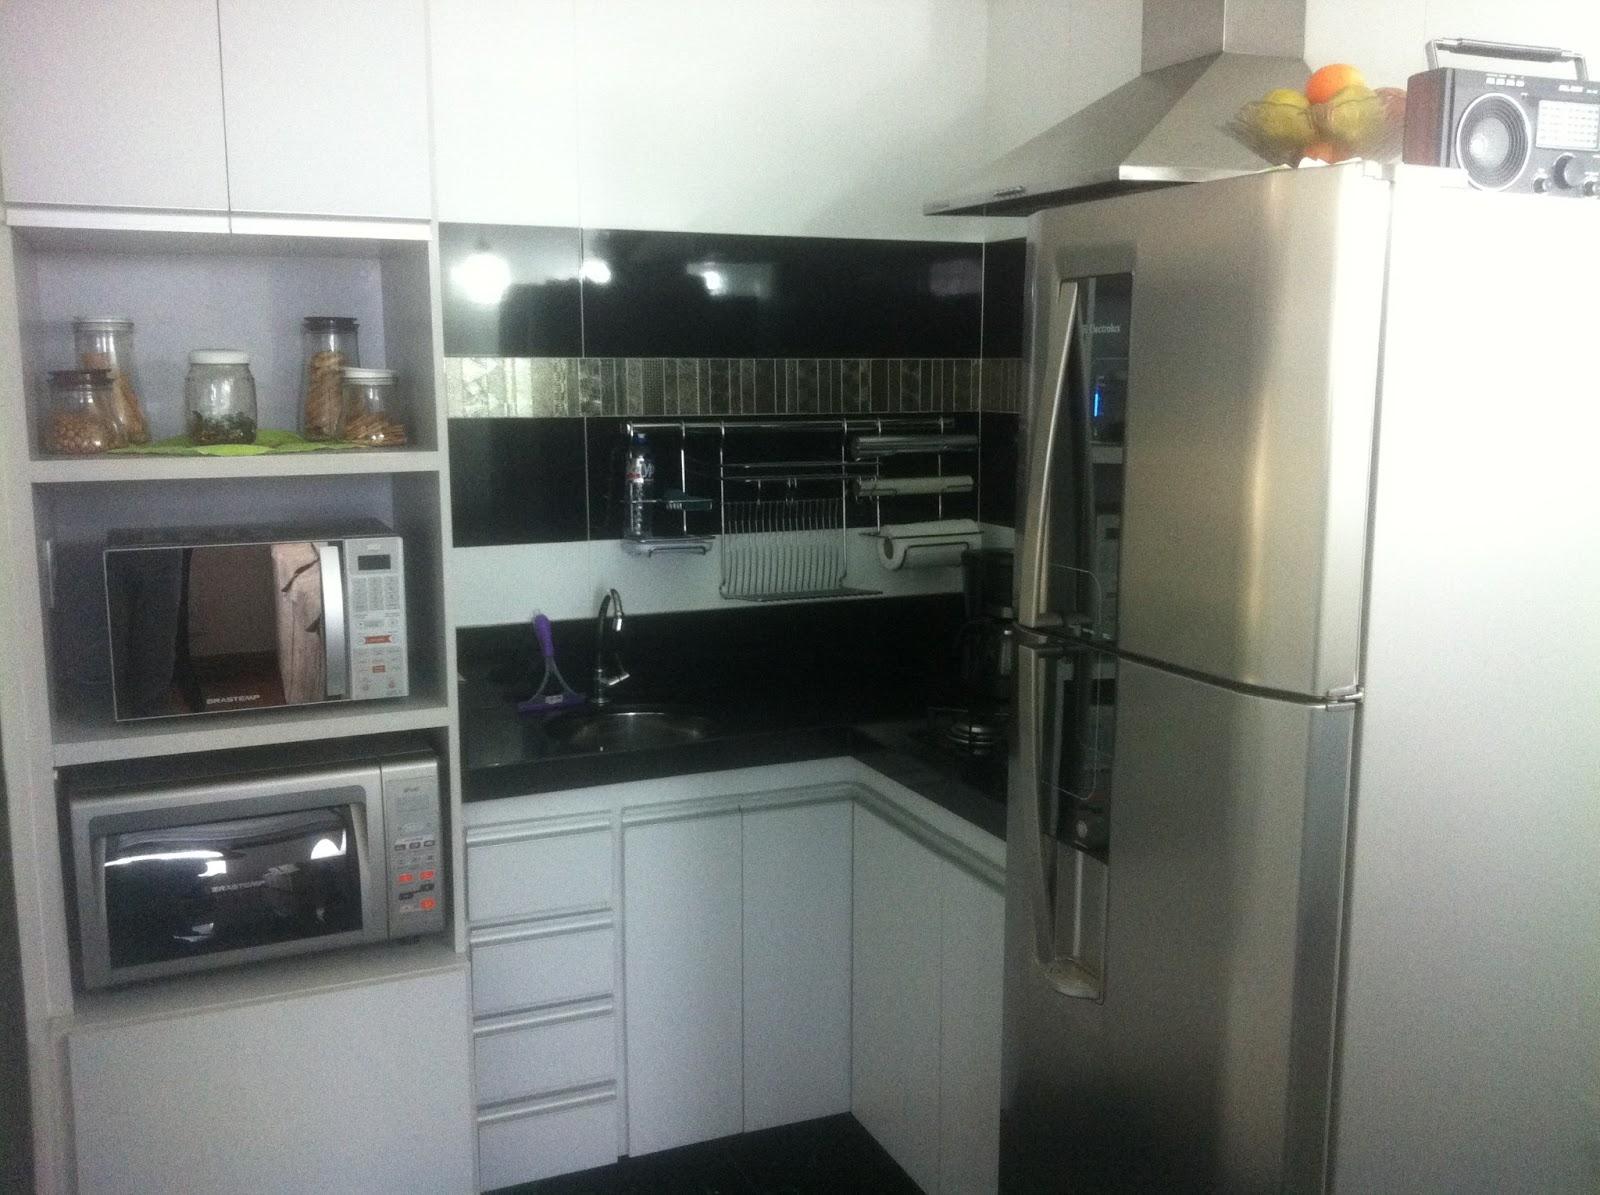 Otto Arquitetura Interiores Iluminação: Cozinha Roberto e Lane #7B6950 1600 1195